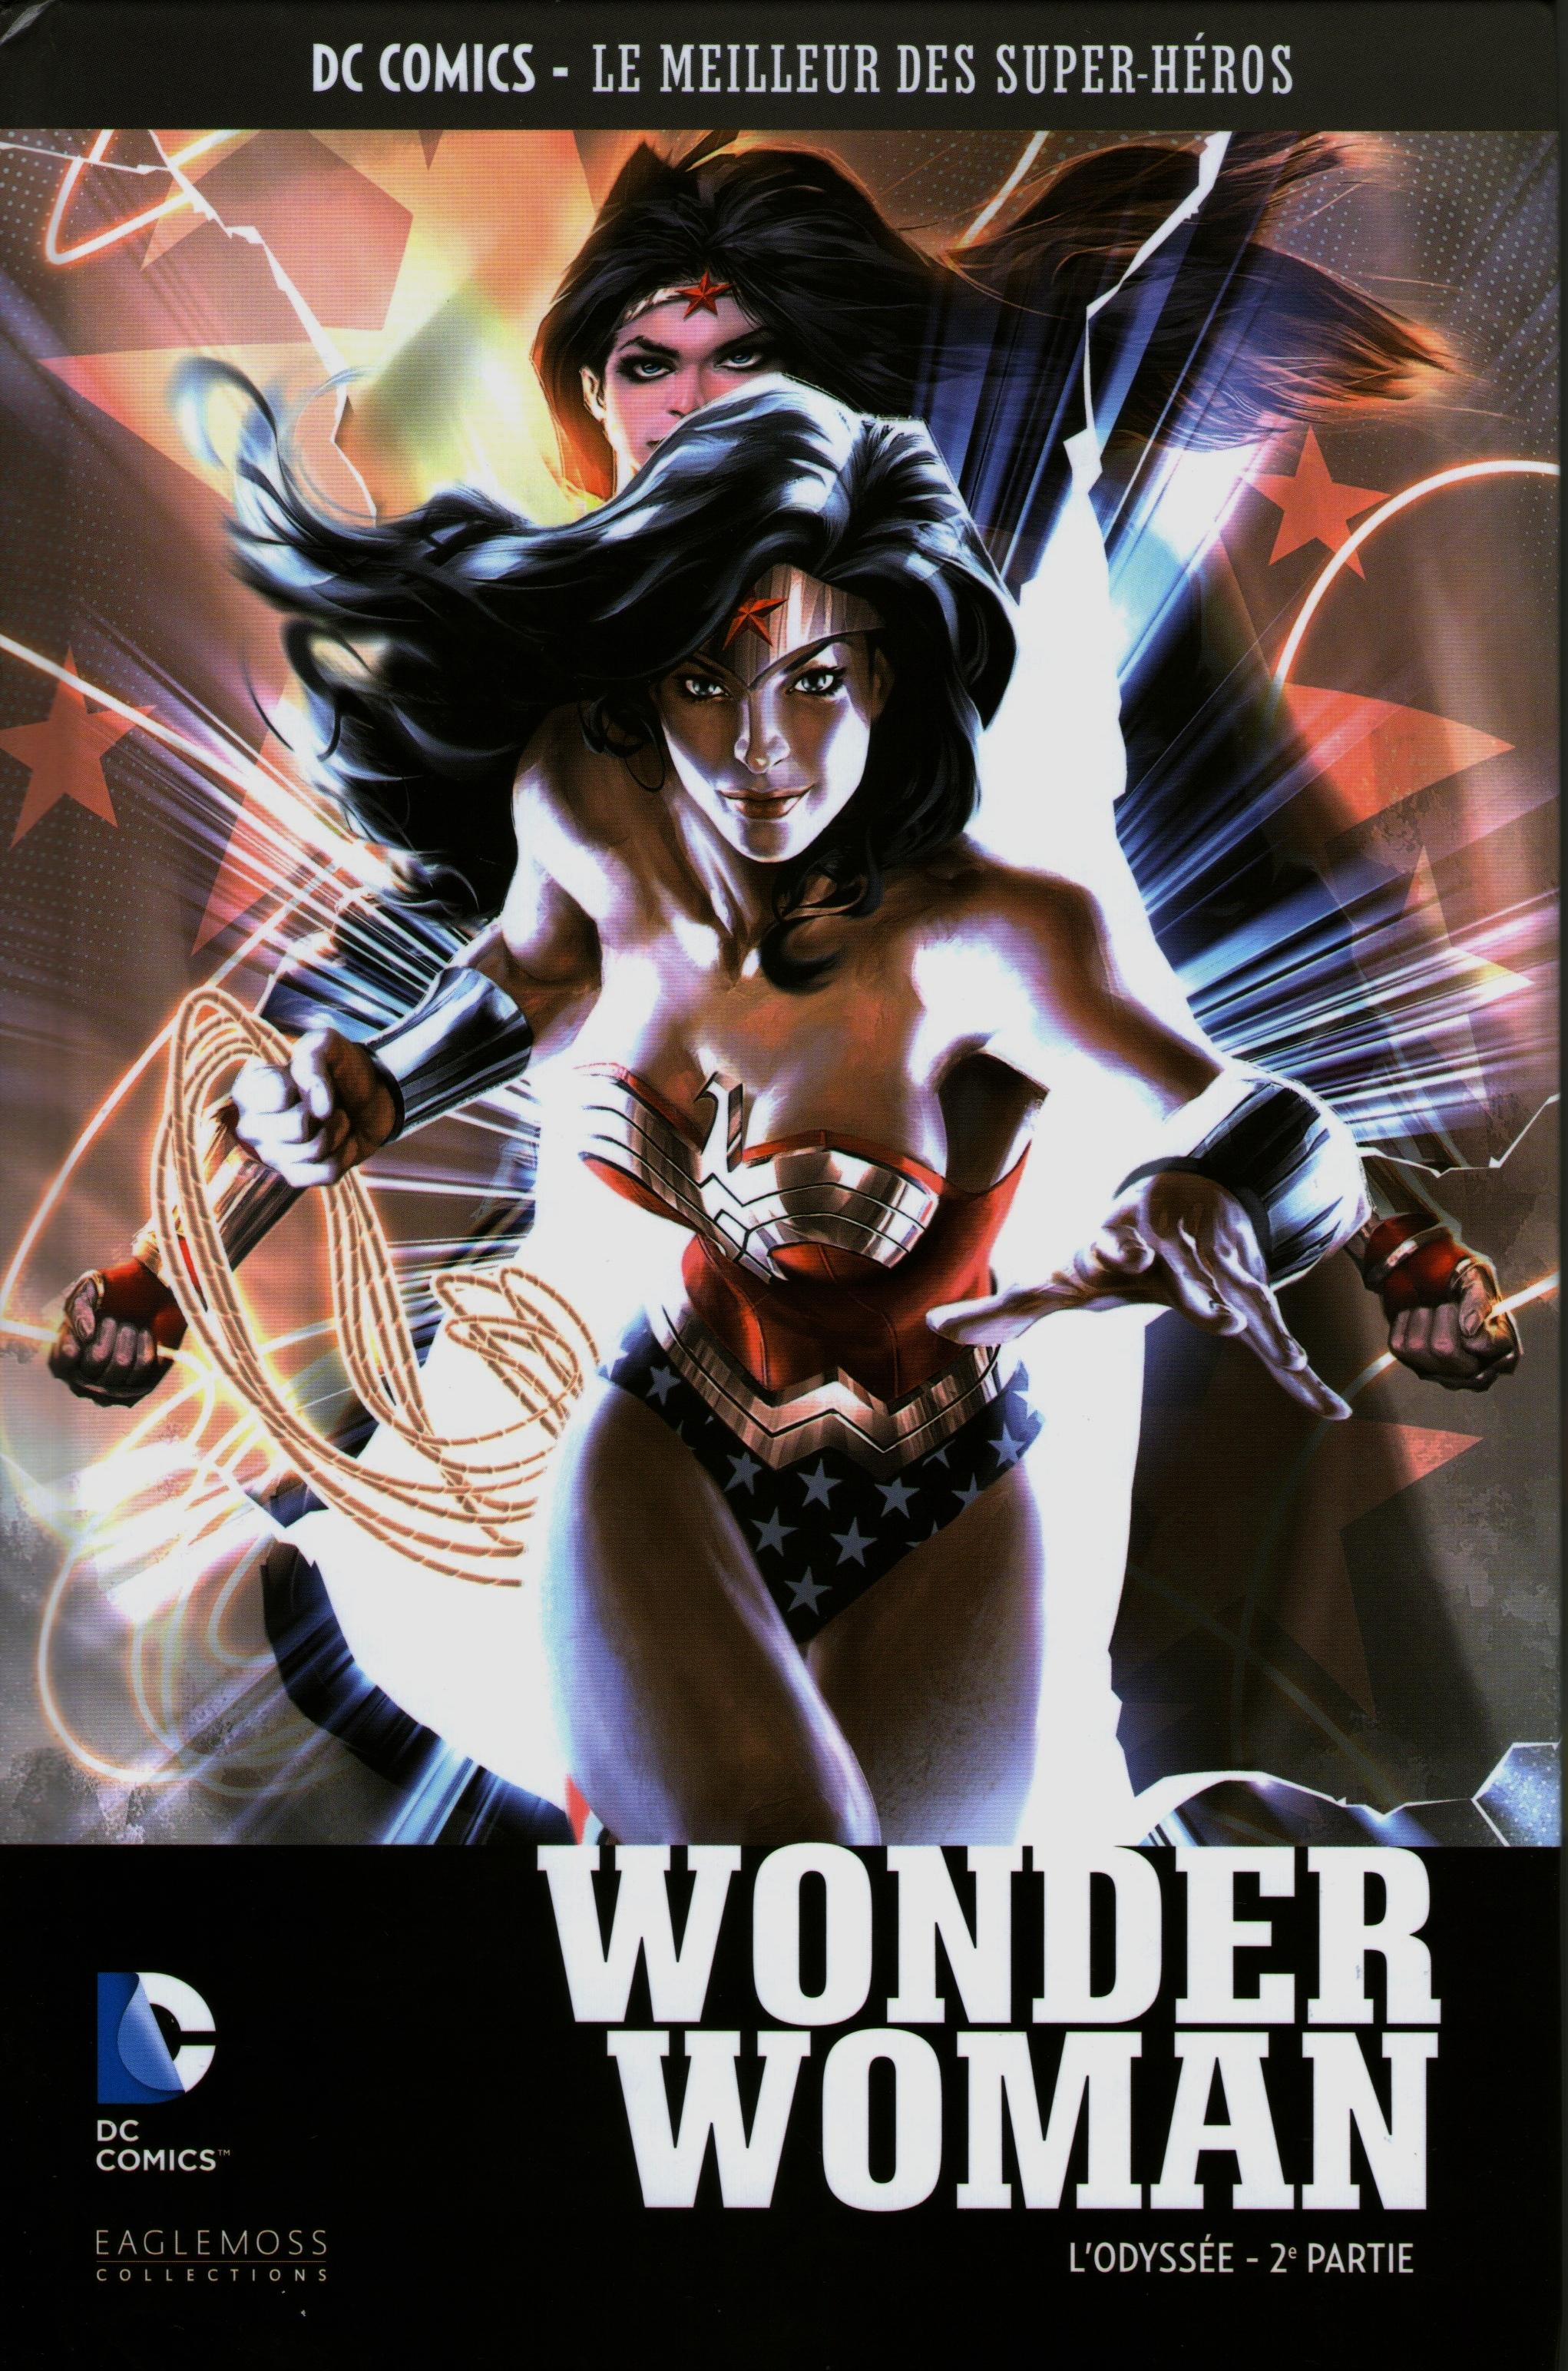 DC Comics - Le Meilleur des Super-Héros 23 - Wonder Woman L'Odyssée - 2eme partie